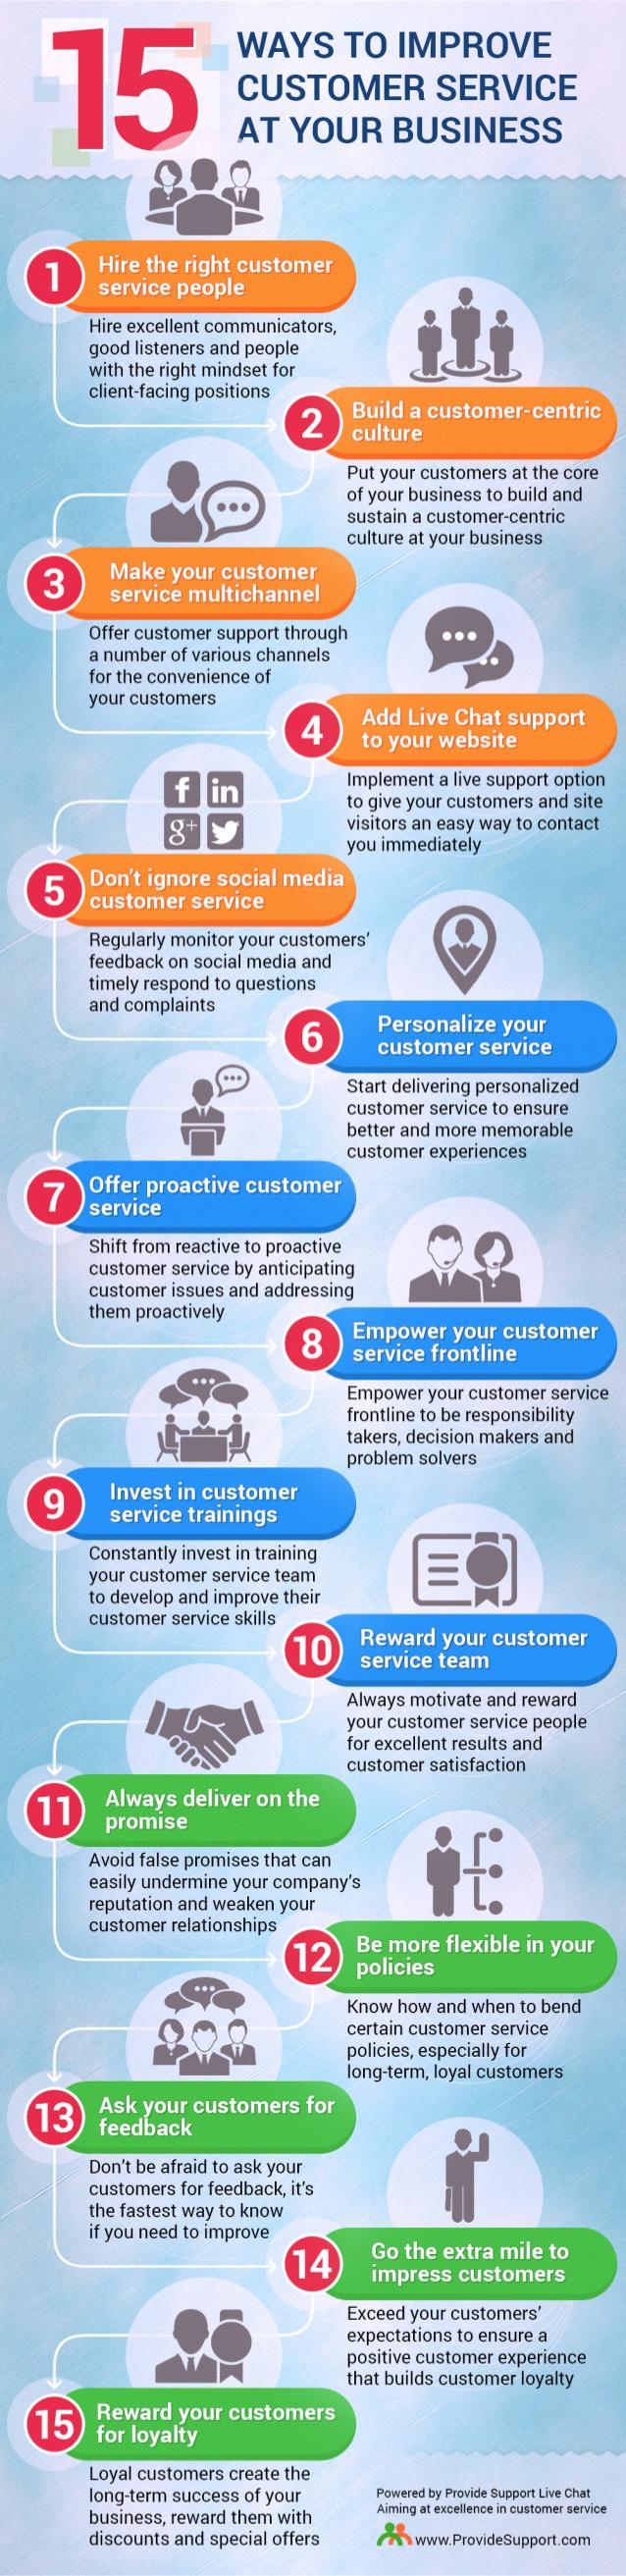 15 maneras de mejorar la atención al cliente